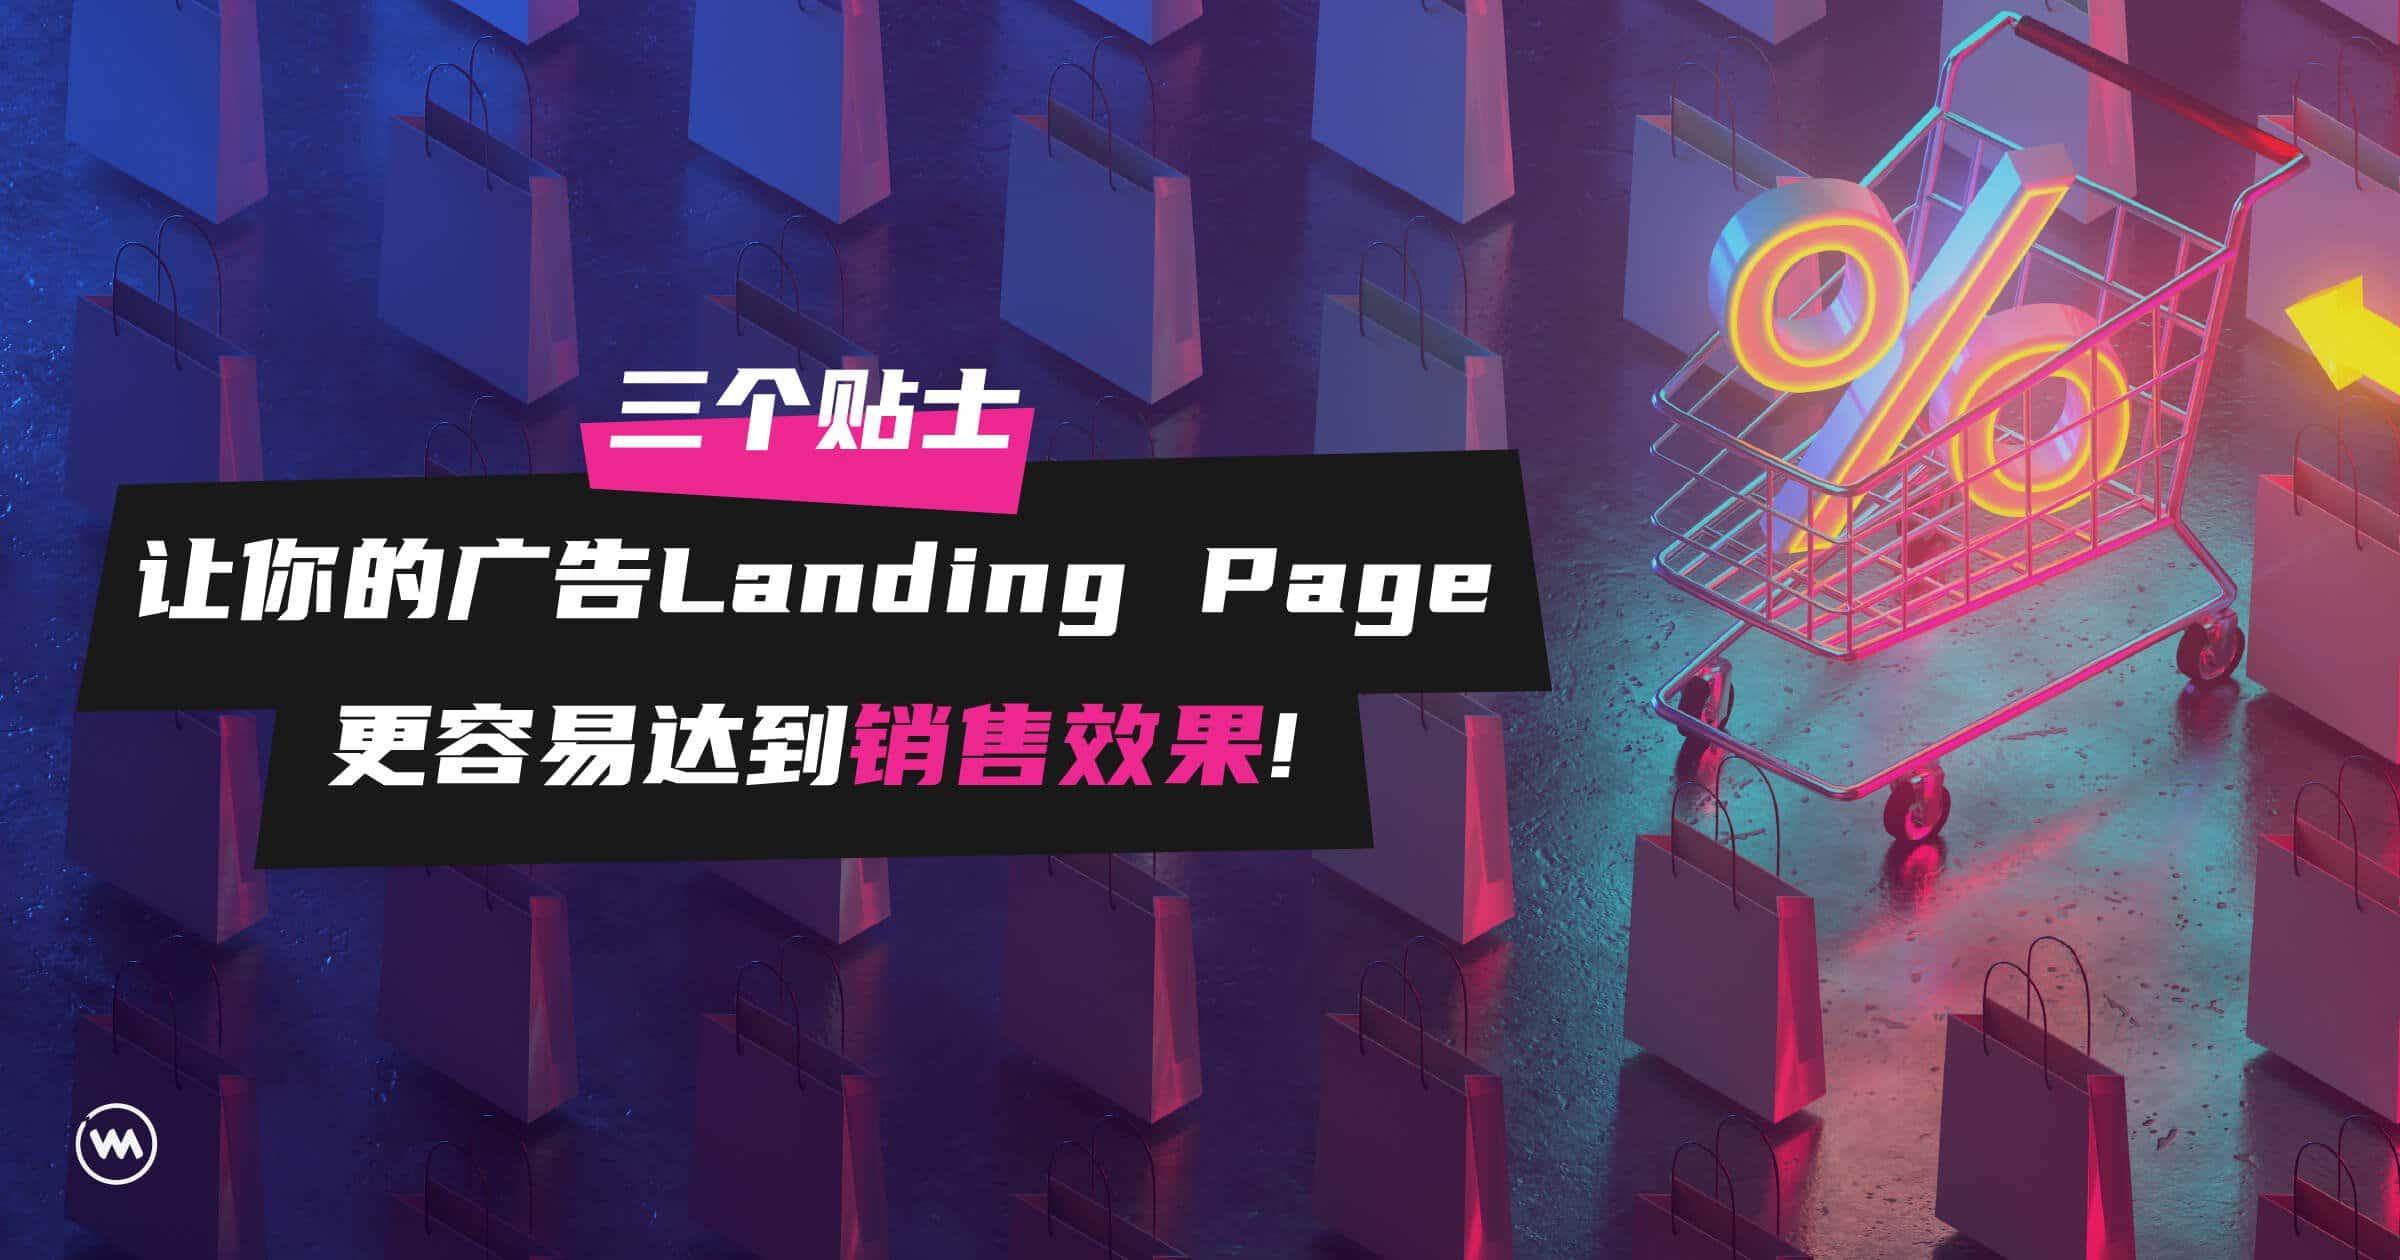 三个贴士让你的广告 Landing Page 更容易达到销售效果!